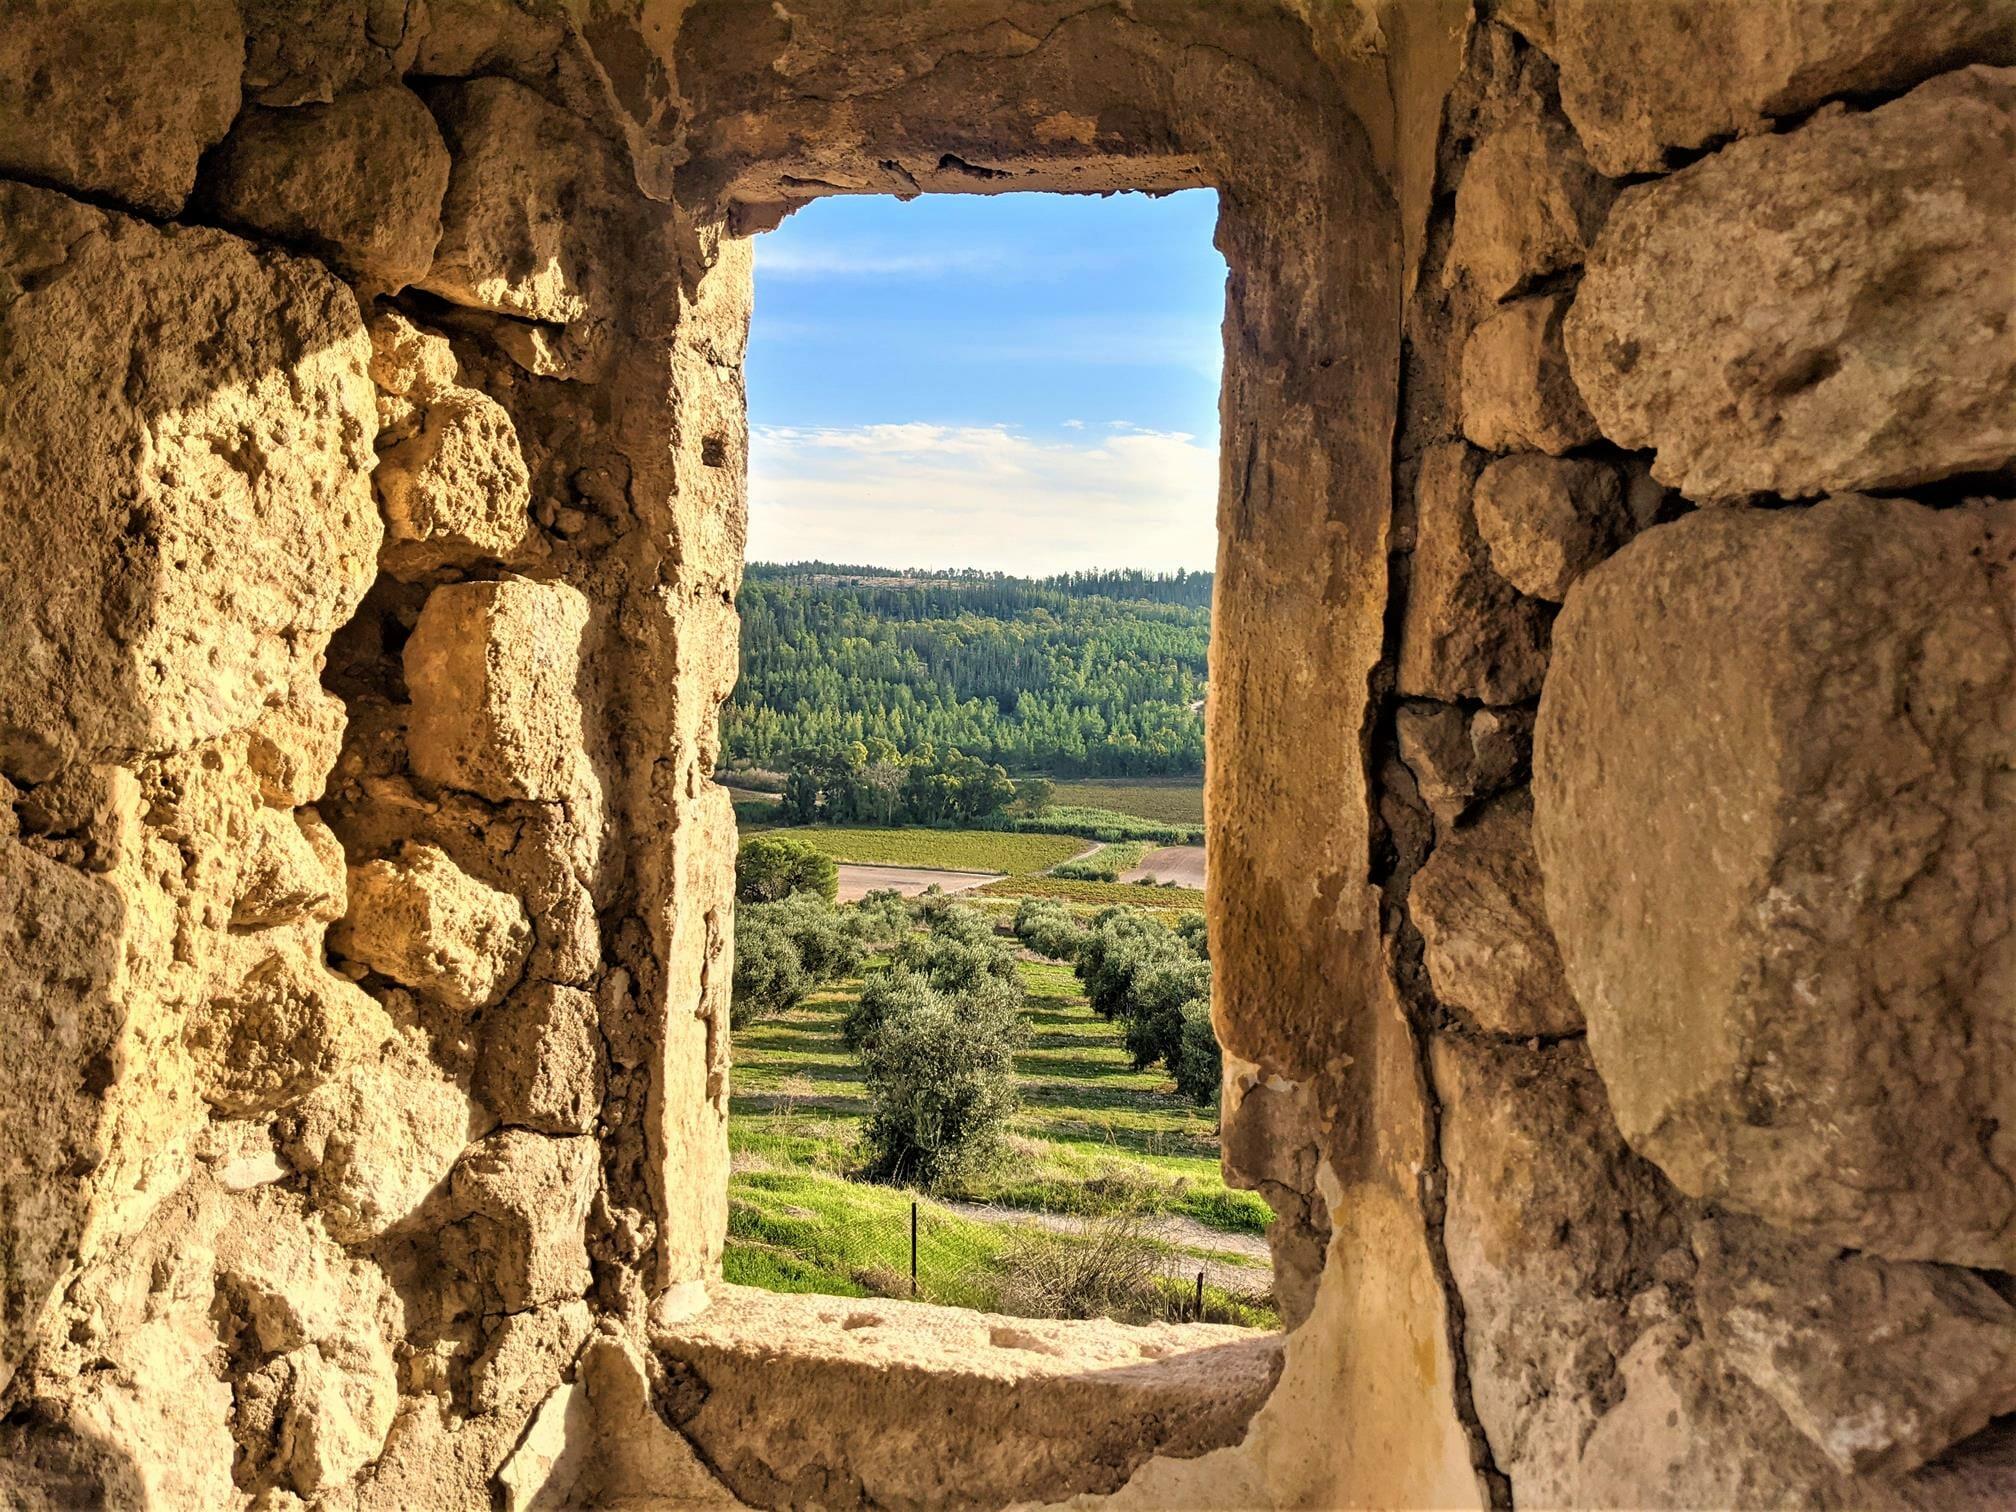 """חלון לנוף, מבצר צלבני לטרון, לה-טורון דה שבלייה, תצפית פנורמית מהממת, צילום: ד""""ר ענת אביטל"""